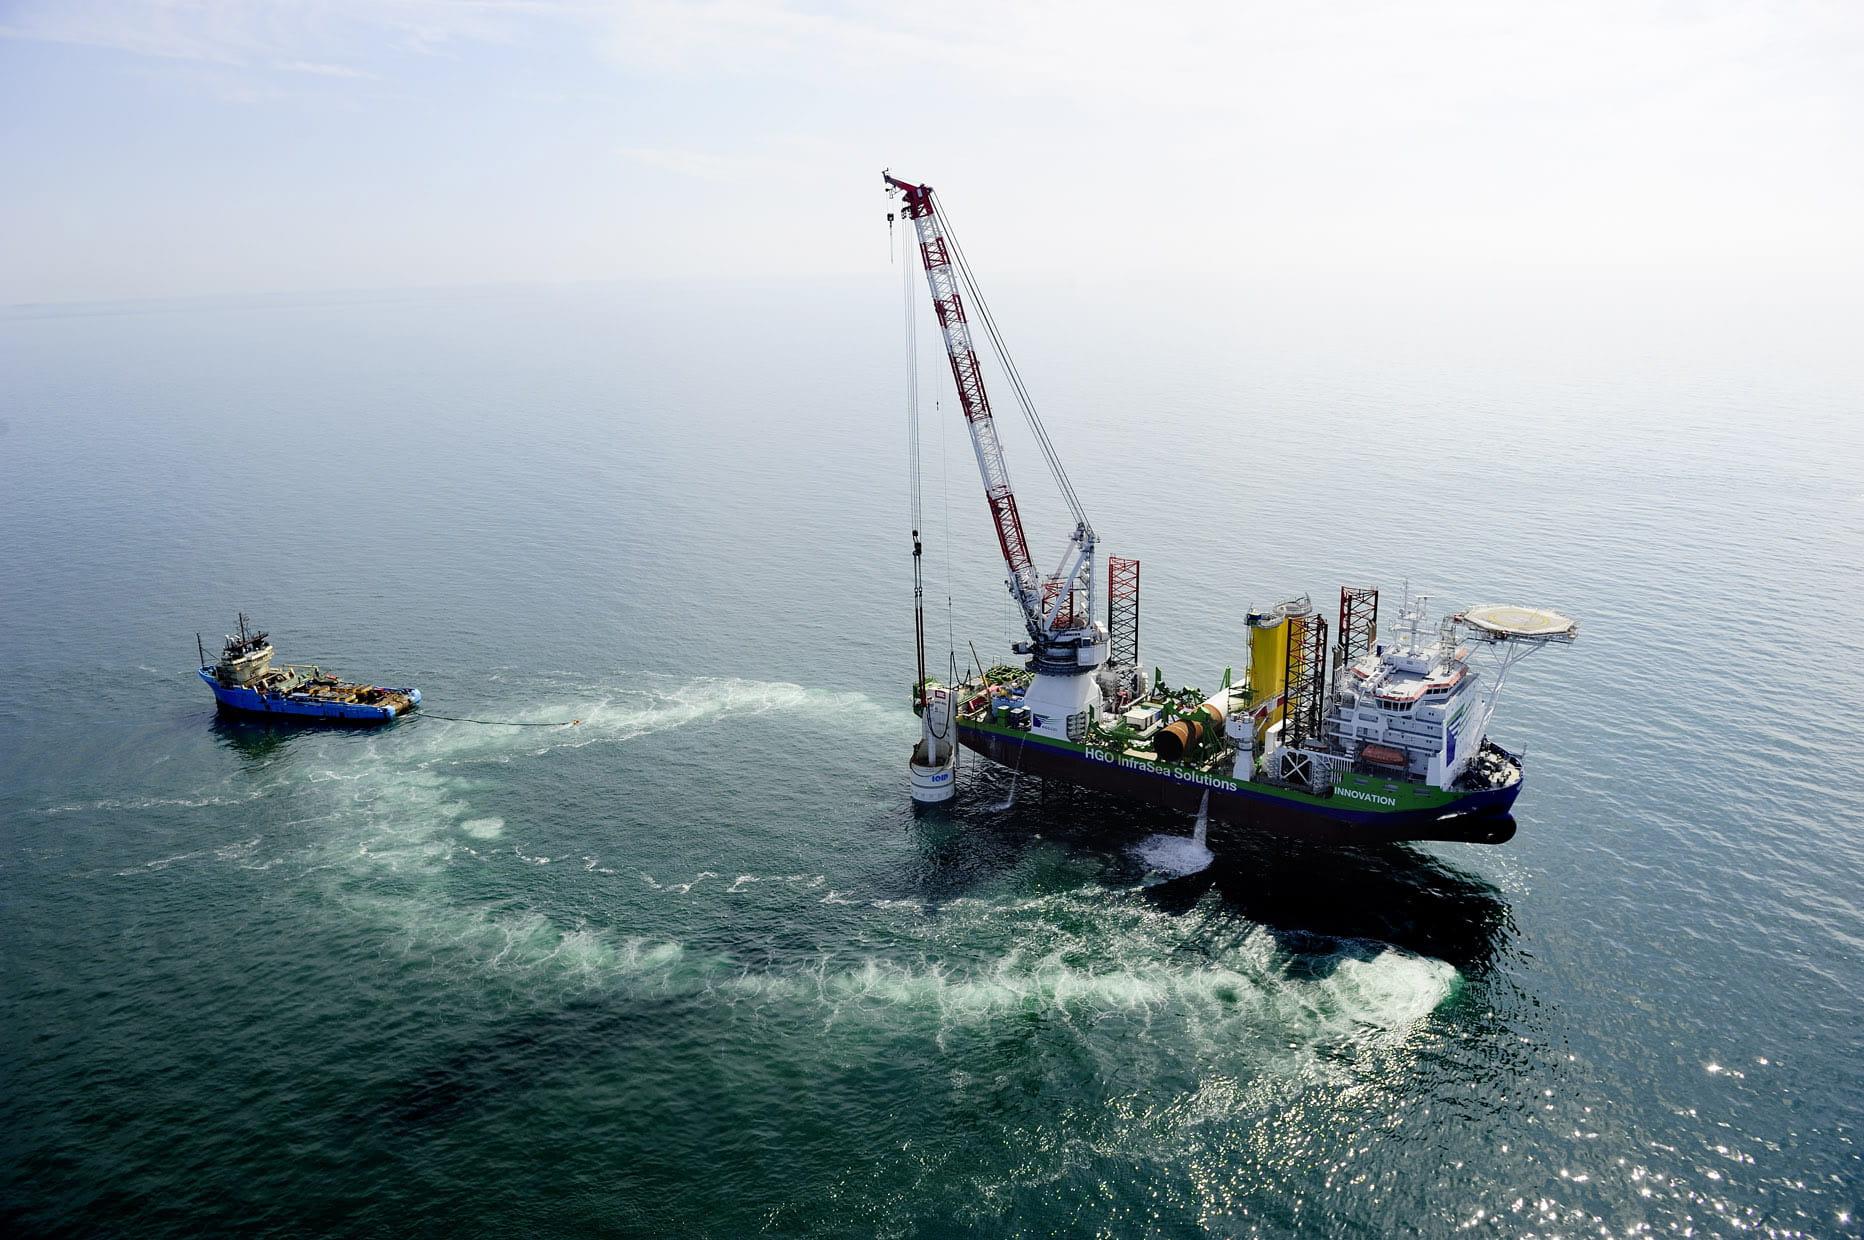 Einsatz eines Blasenschleiers (GBS) im Offshore-Windpark Gode Wind für den Schallschutz.